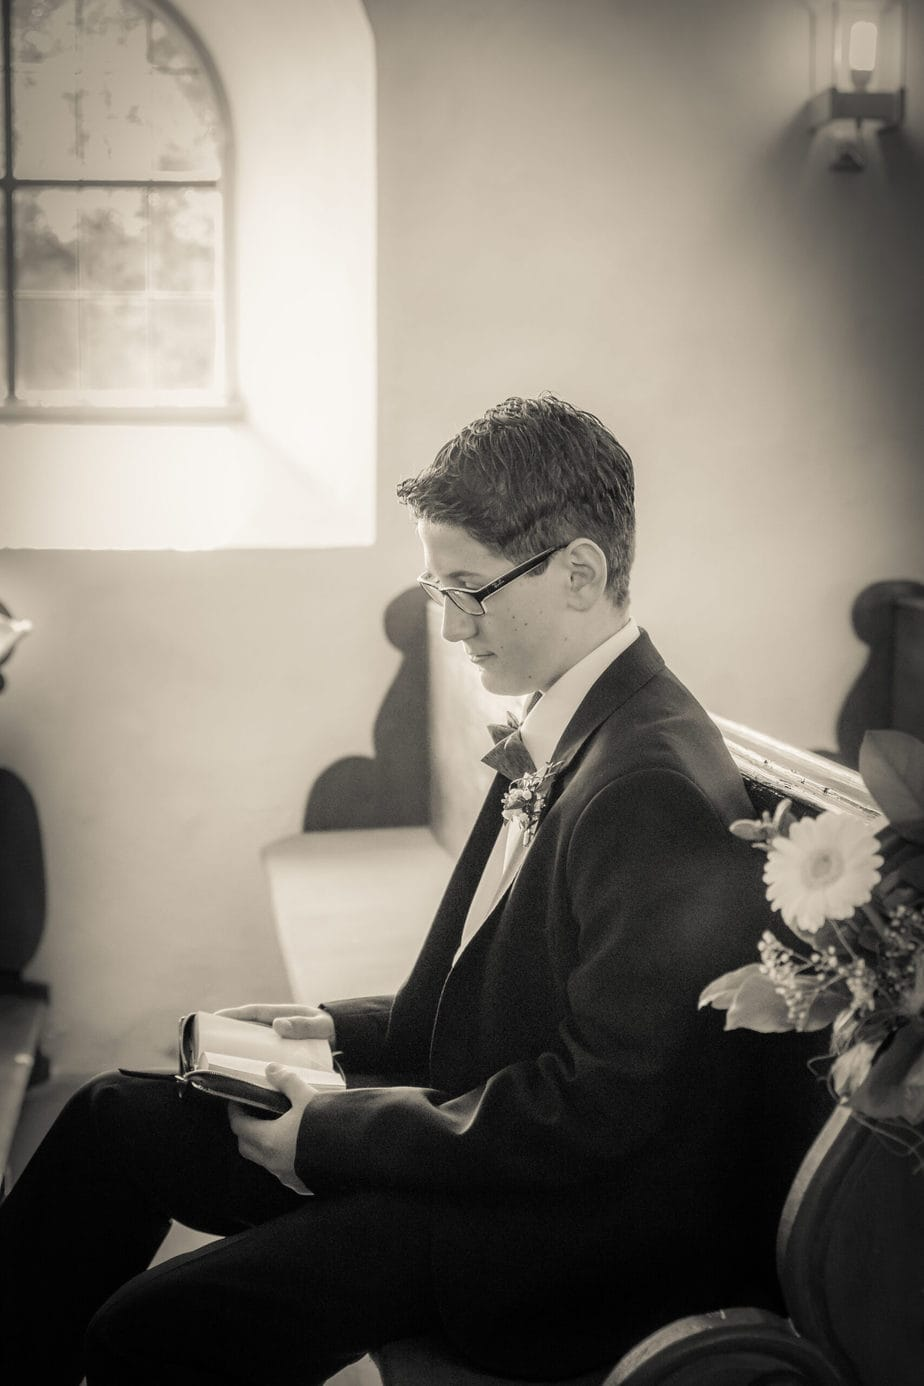 Fotograf Taufe Kommunion Konfirmation Geburtstag